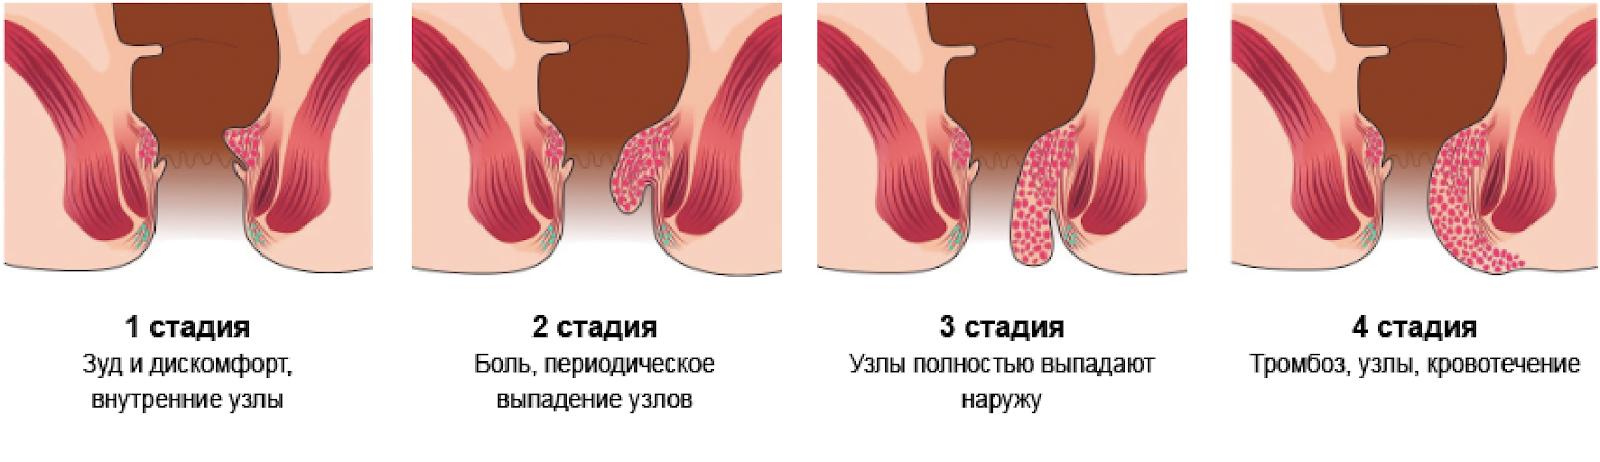 Лечение геморроя 4 степени